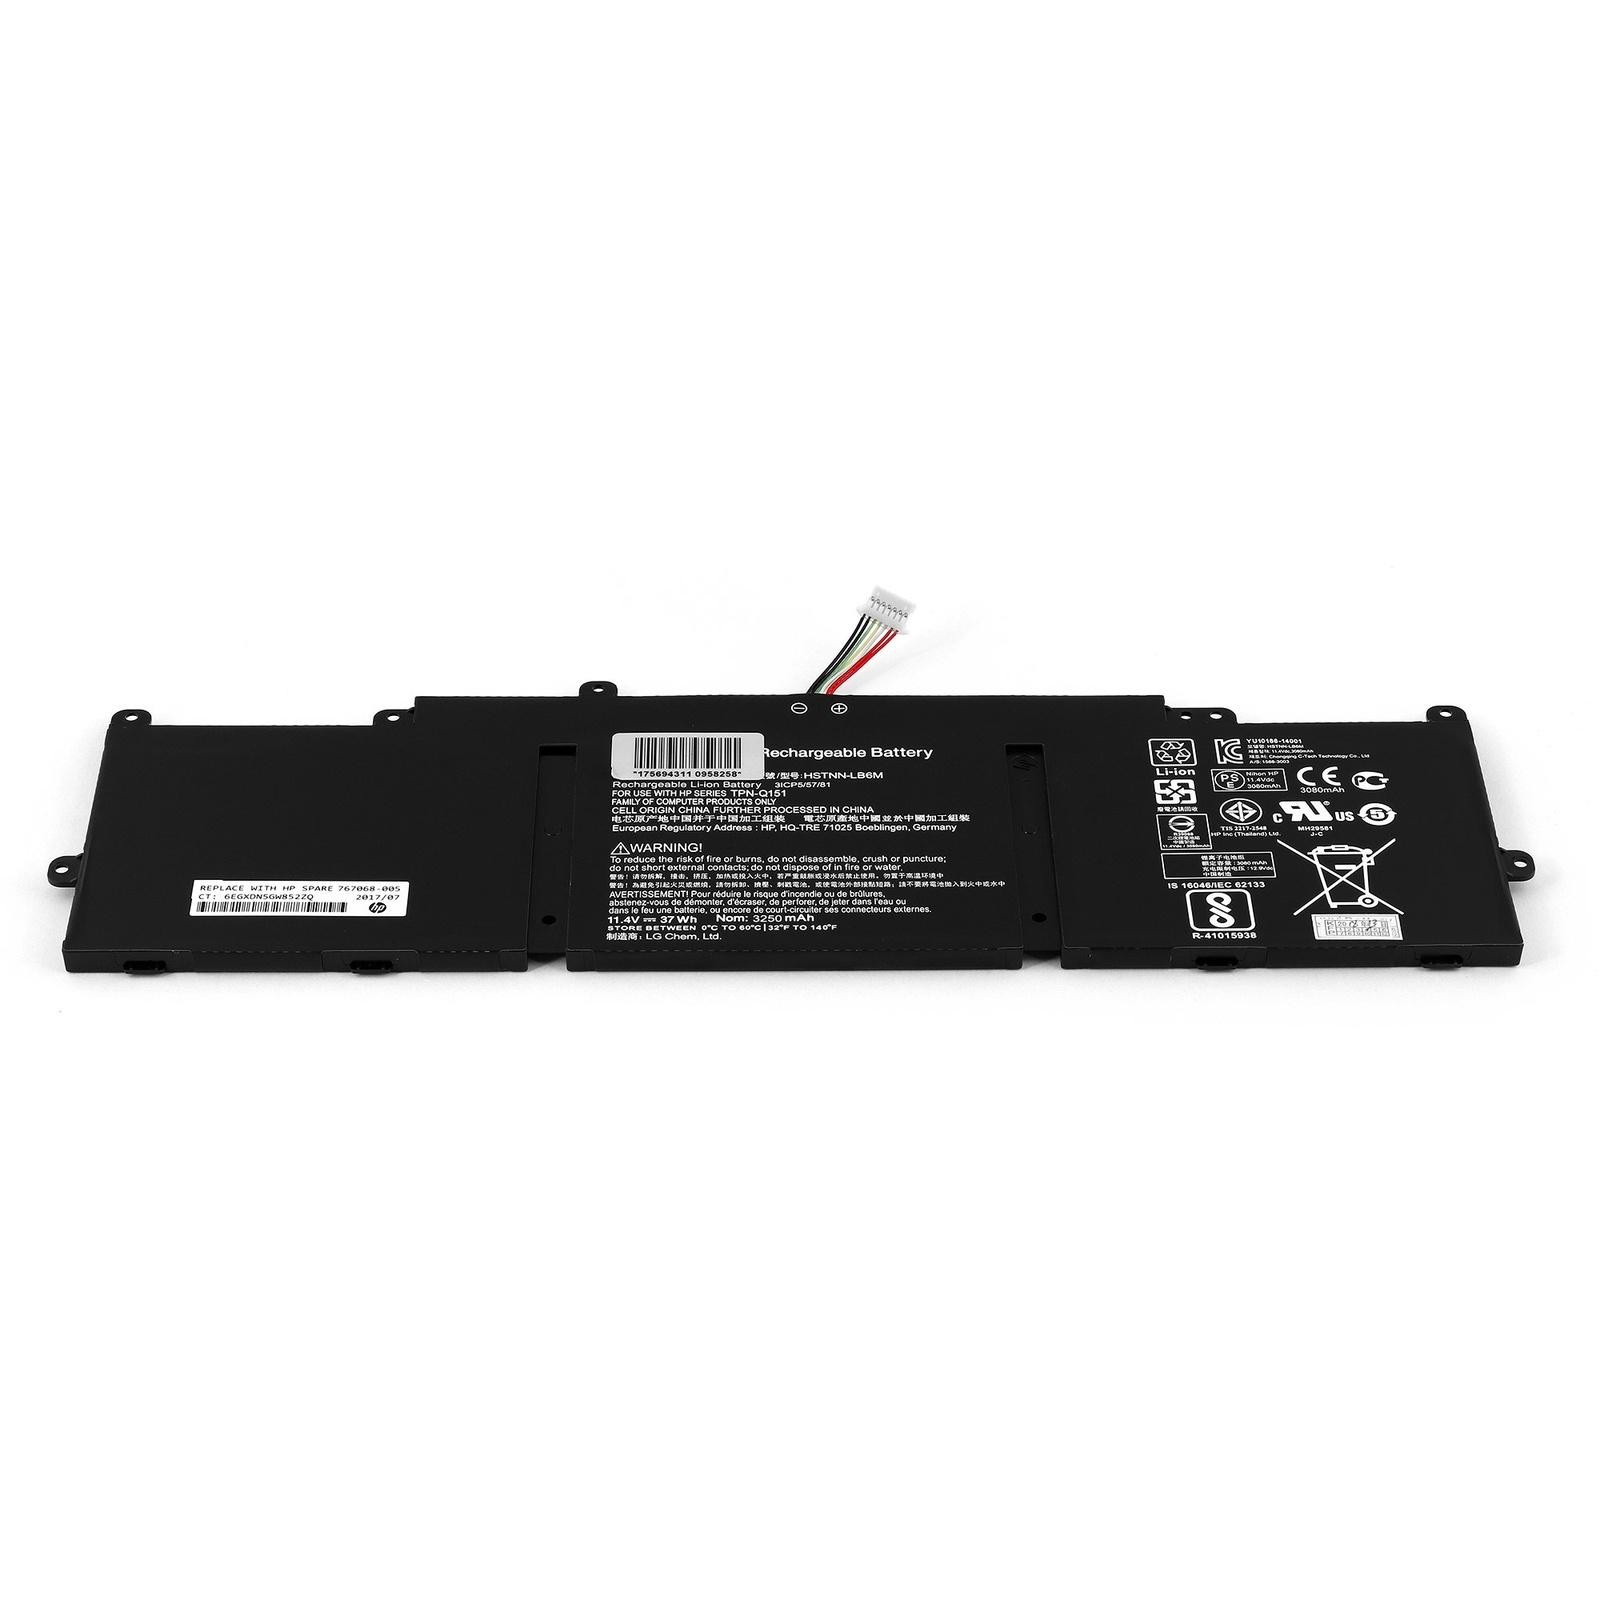 цена на Аккумулятор для ноутбука OEM HP Pavilion 11-e000, 11-e100, 11z-e000 TouchSmart Series. 11.4V 3250mAh PN: KP06, TPN-C112.